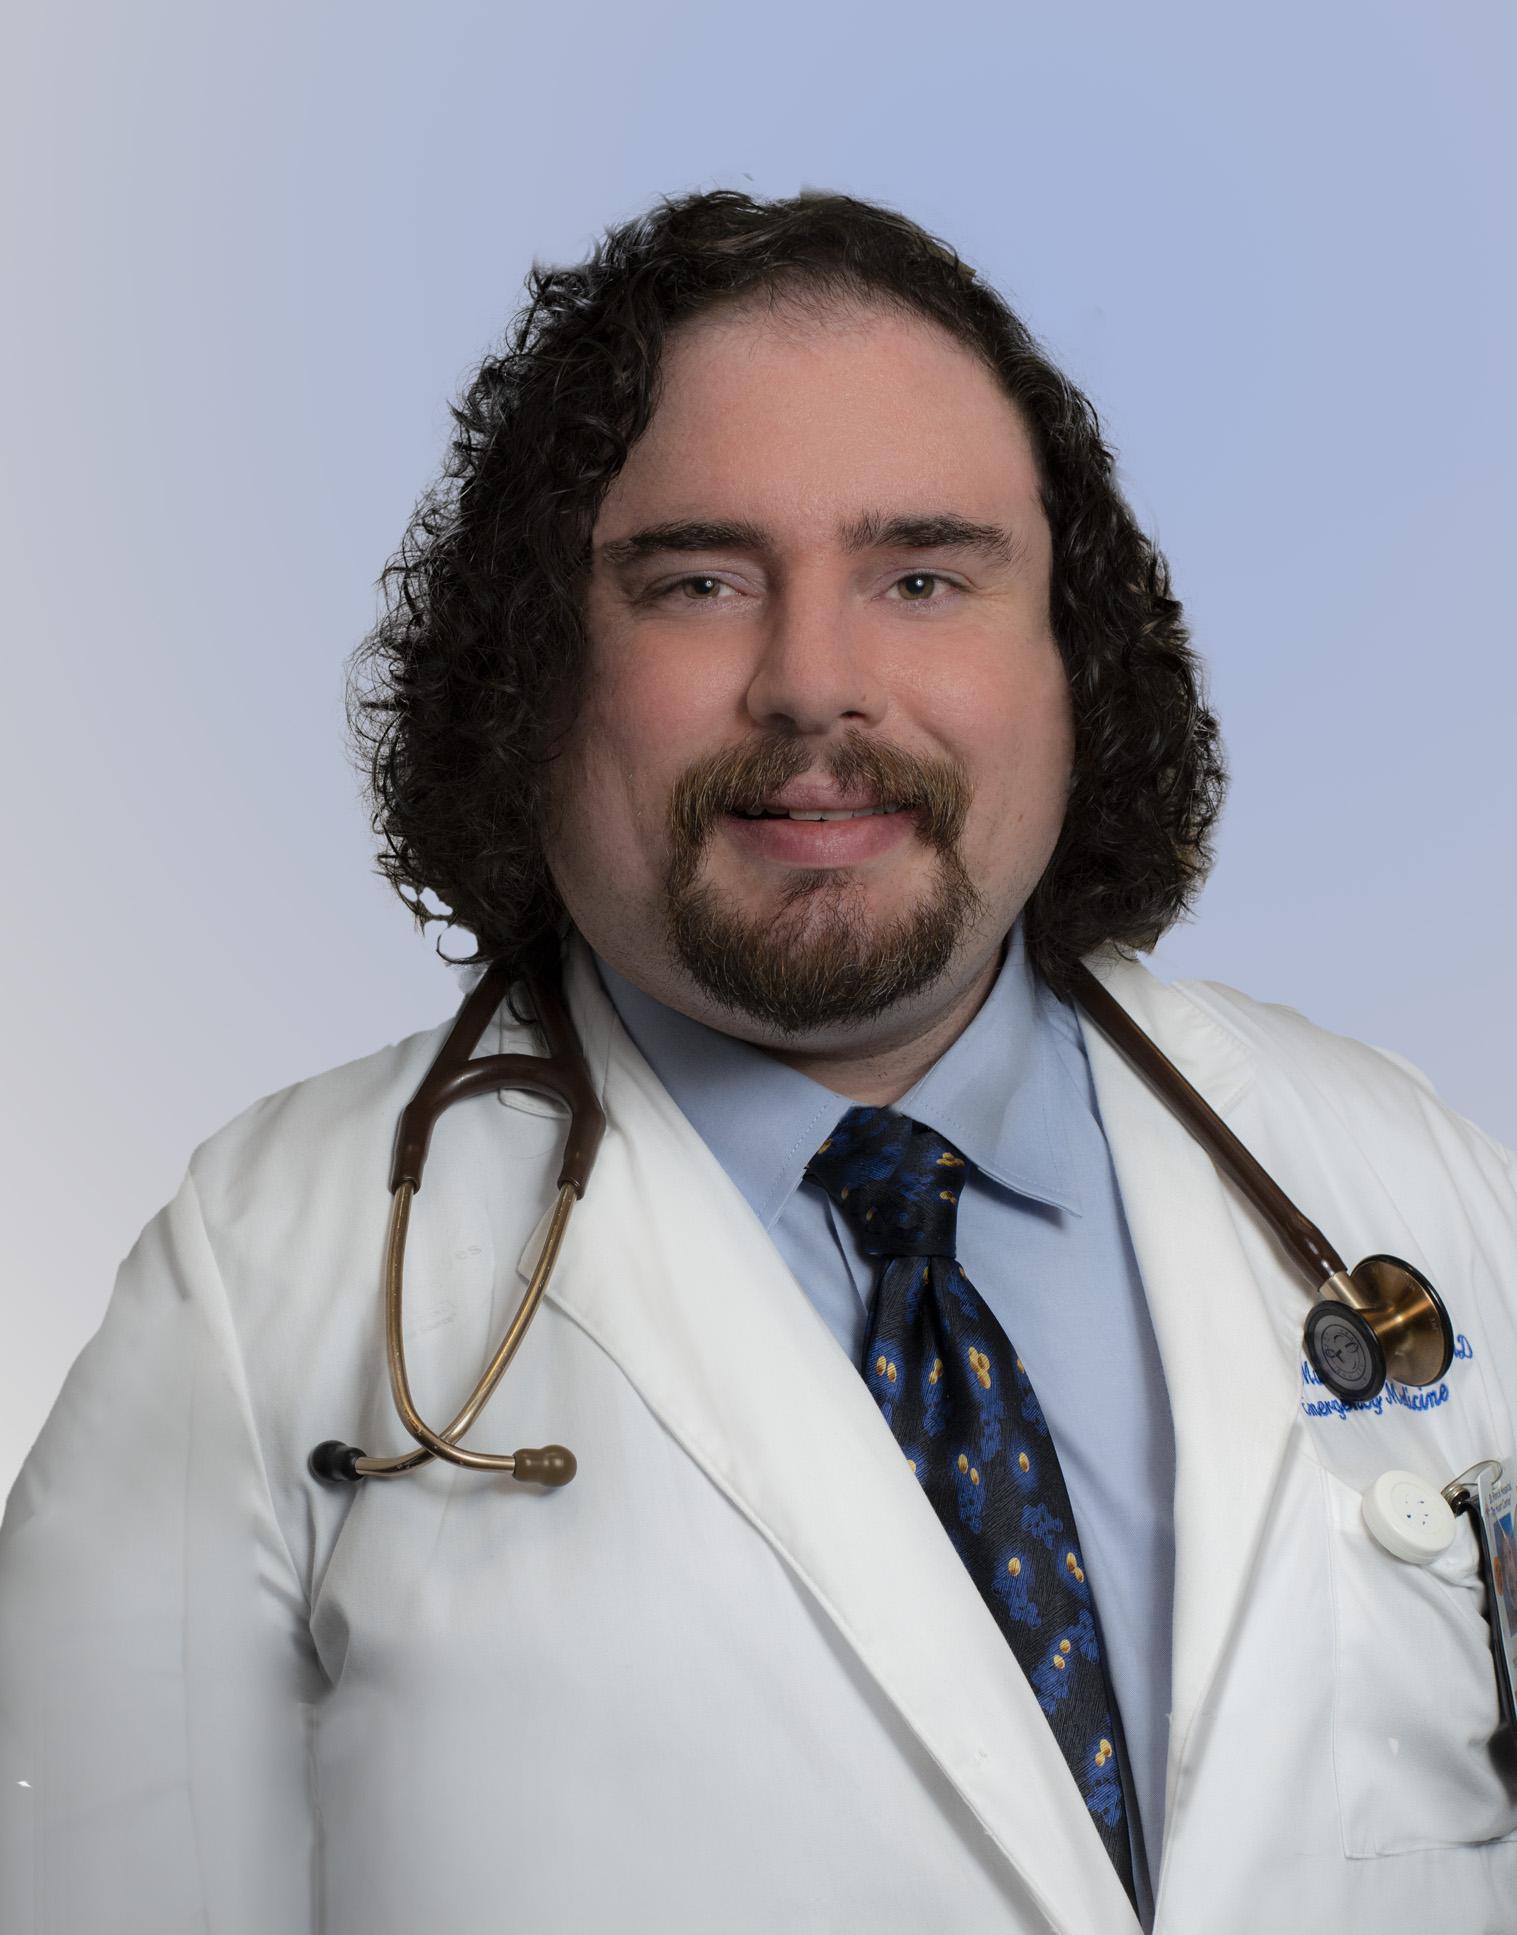 Stefan M. Muehlbauer, M.D., Ph.D., FACEP